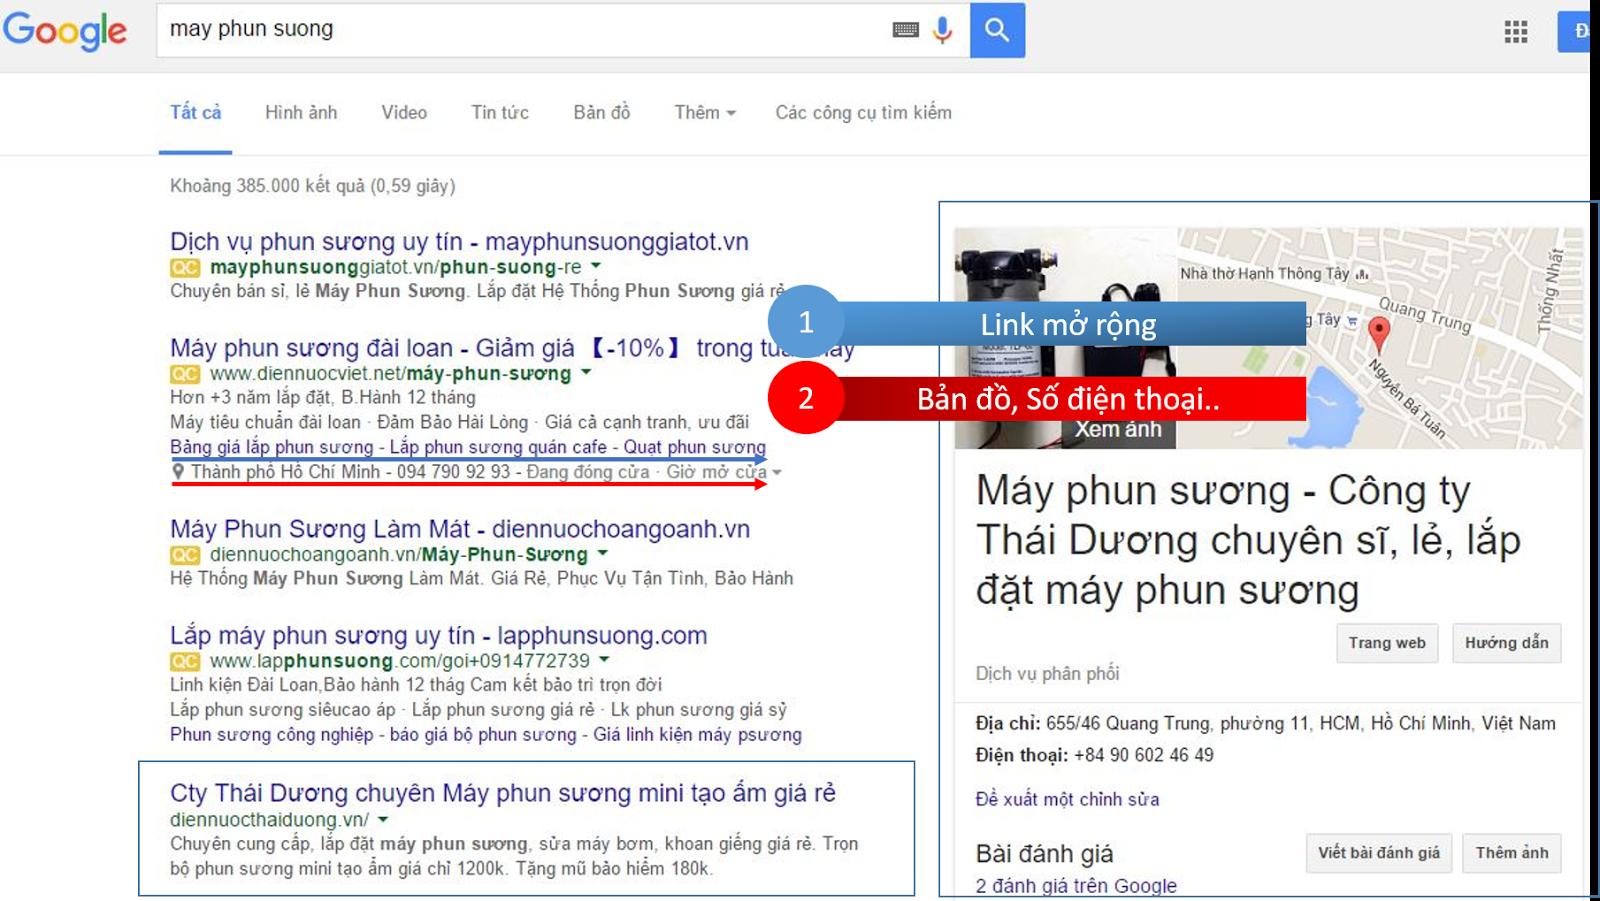 Mẫu quảng cáo Google Adwords tiêu biểu